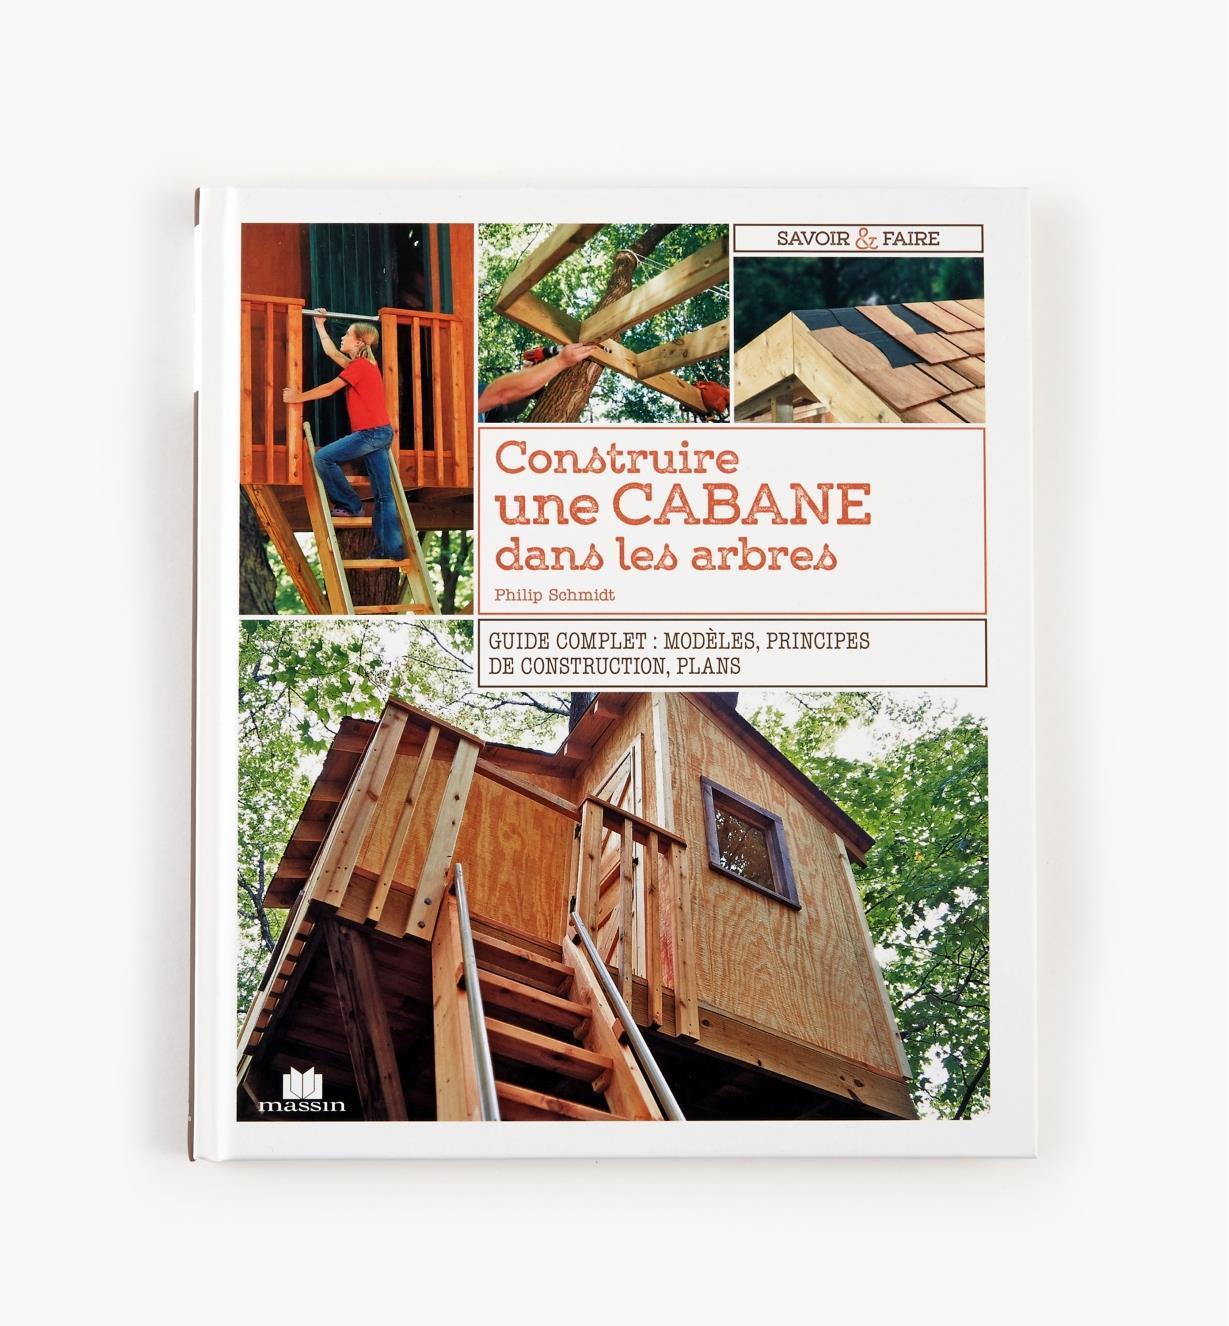 49L0210 - Construire une cabane dans les arbres